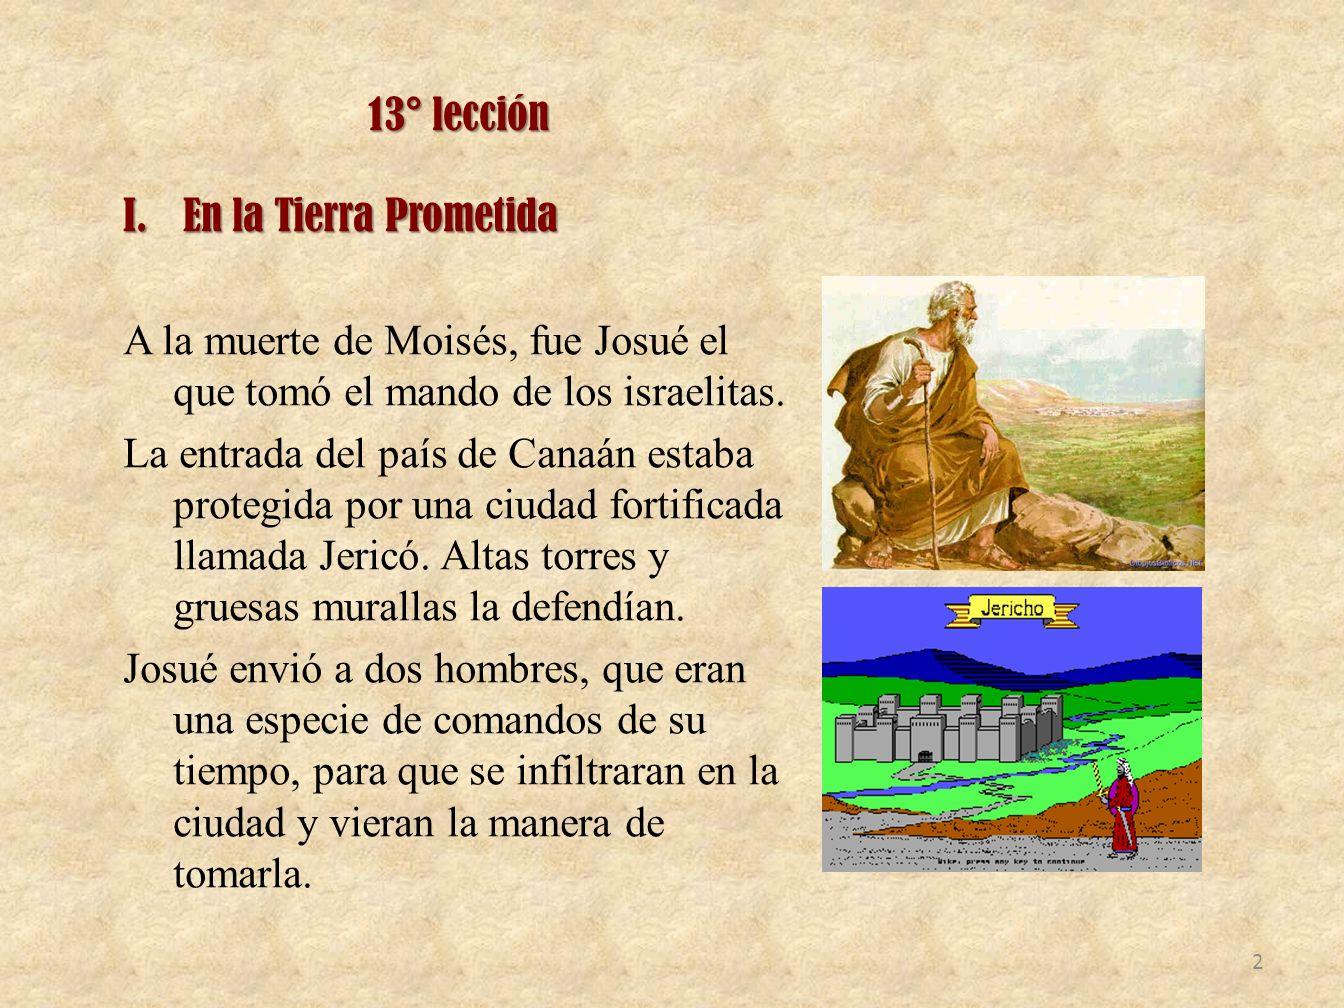 13° lección En la Tierra Prometida. A la muerte de Moisés, fue Josué el que tomó el mando de los israelitas.